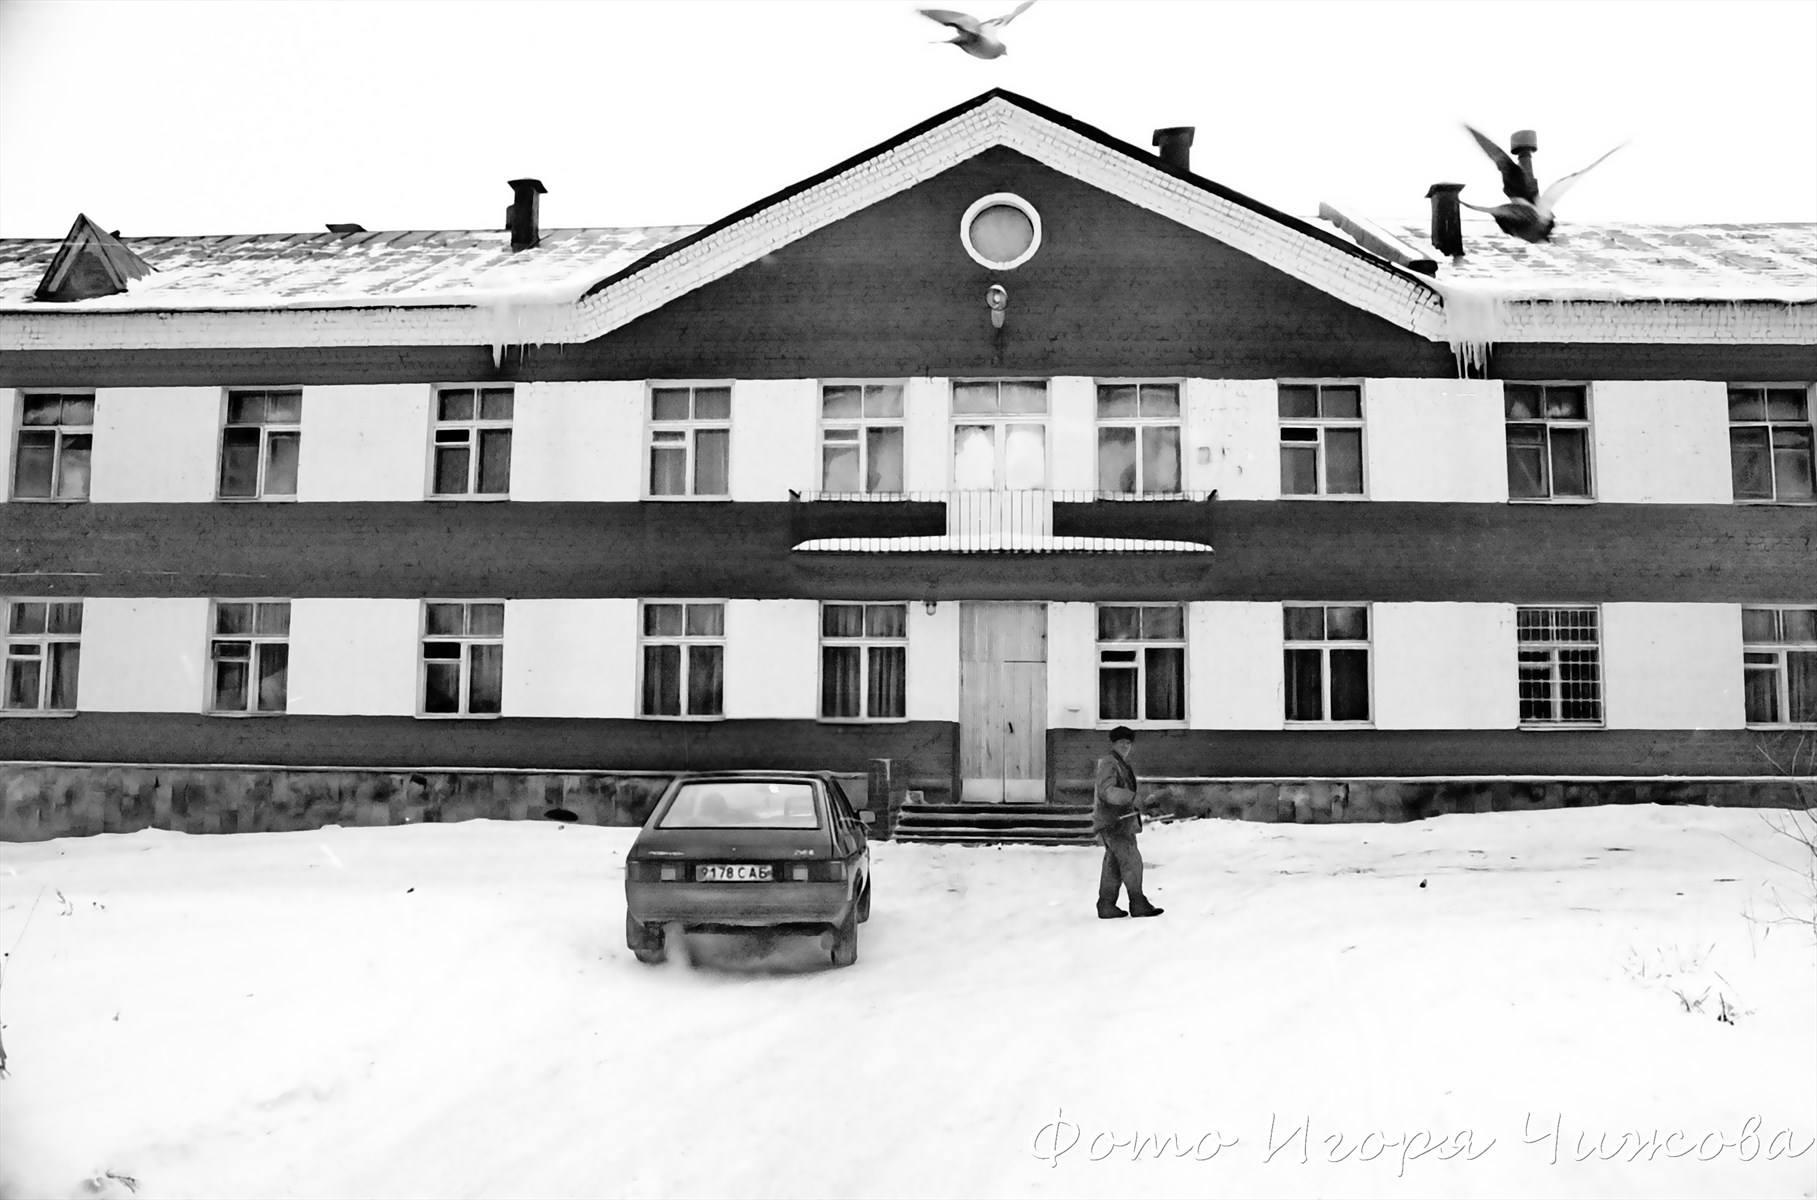 Саратов клочкова дом престарелых дом престарелых метро люблино вакансии медсестры